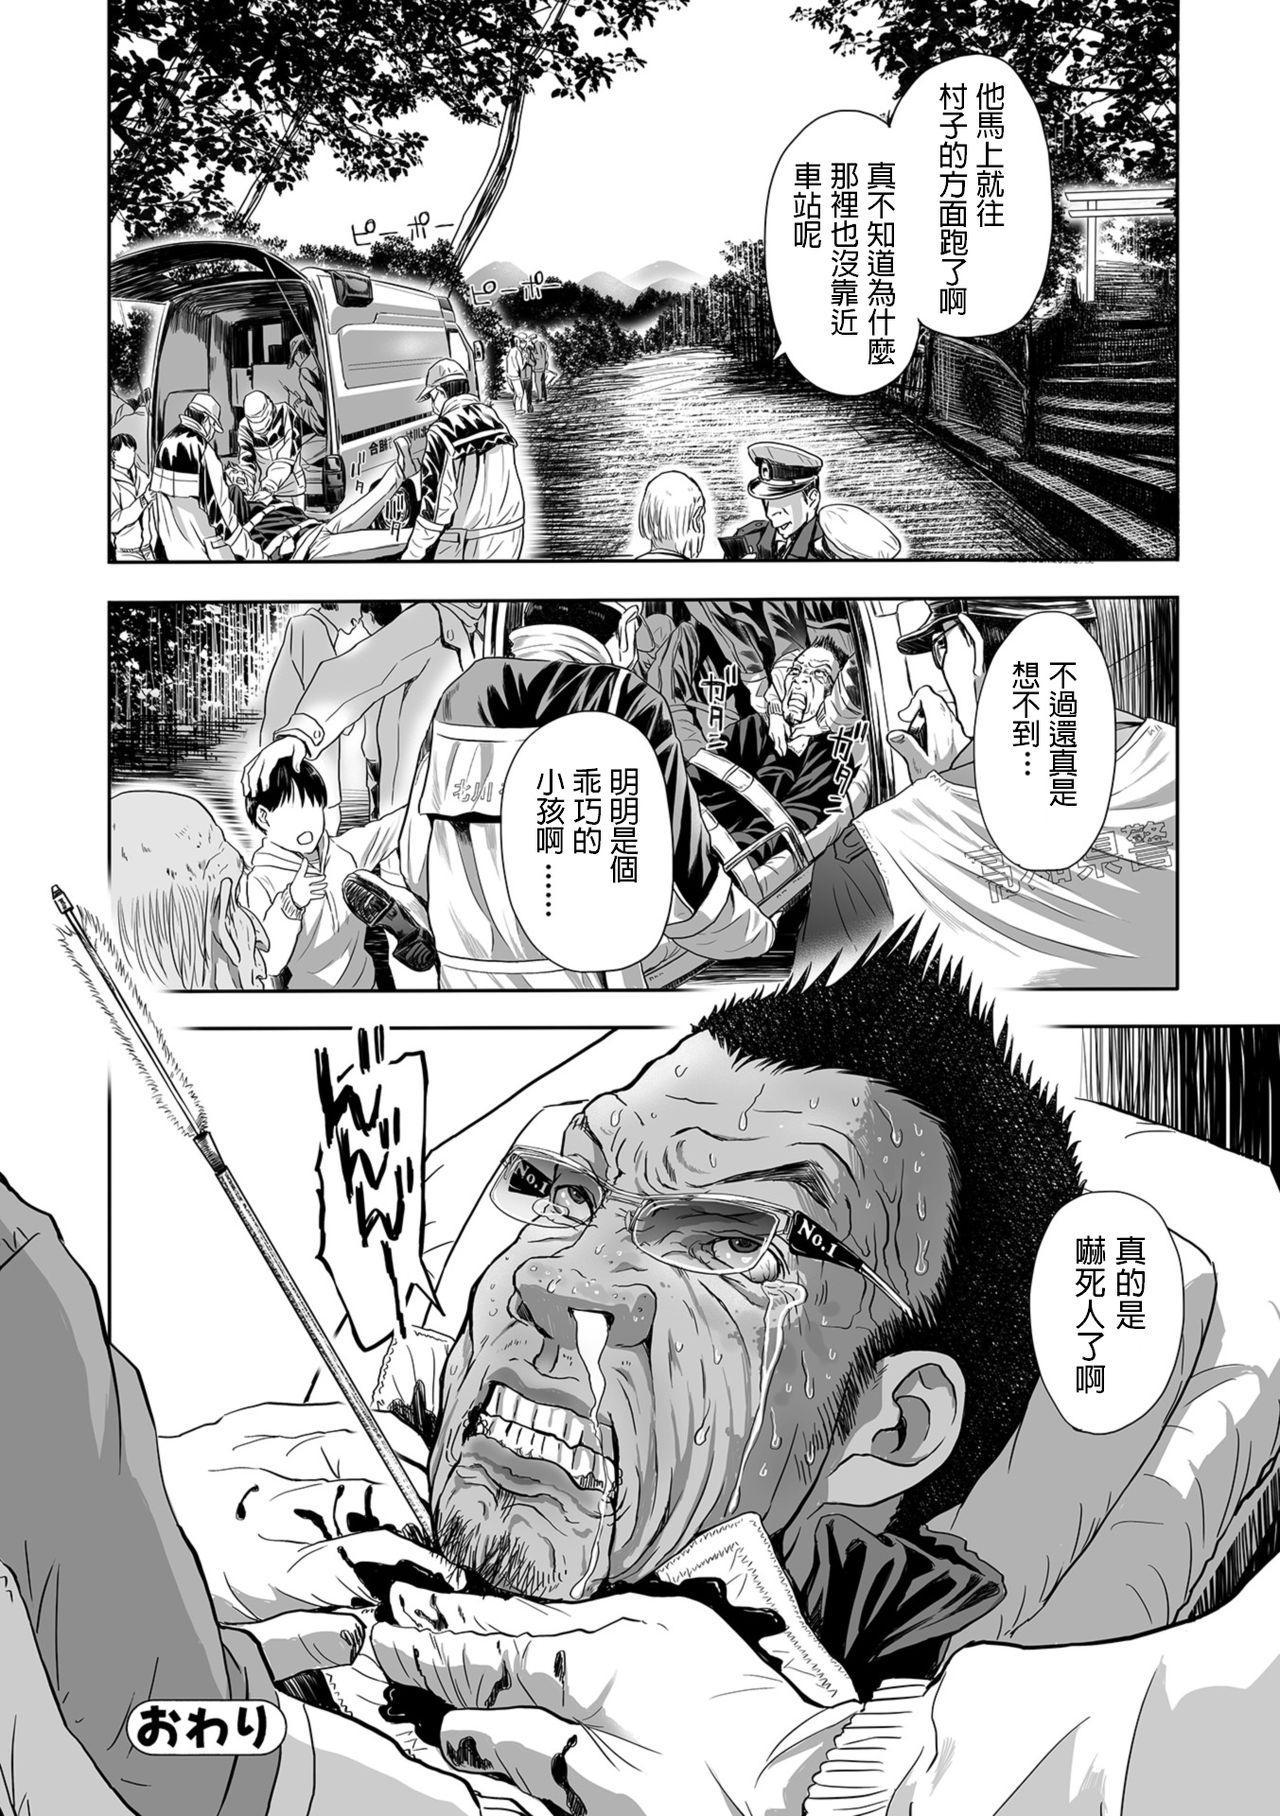 Gibo no Inketsu o Inuku wa Hikishiborareta Musuko no Ya 23